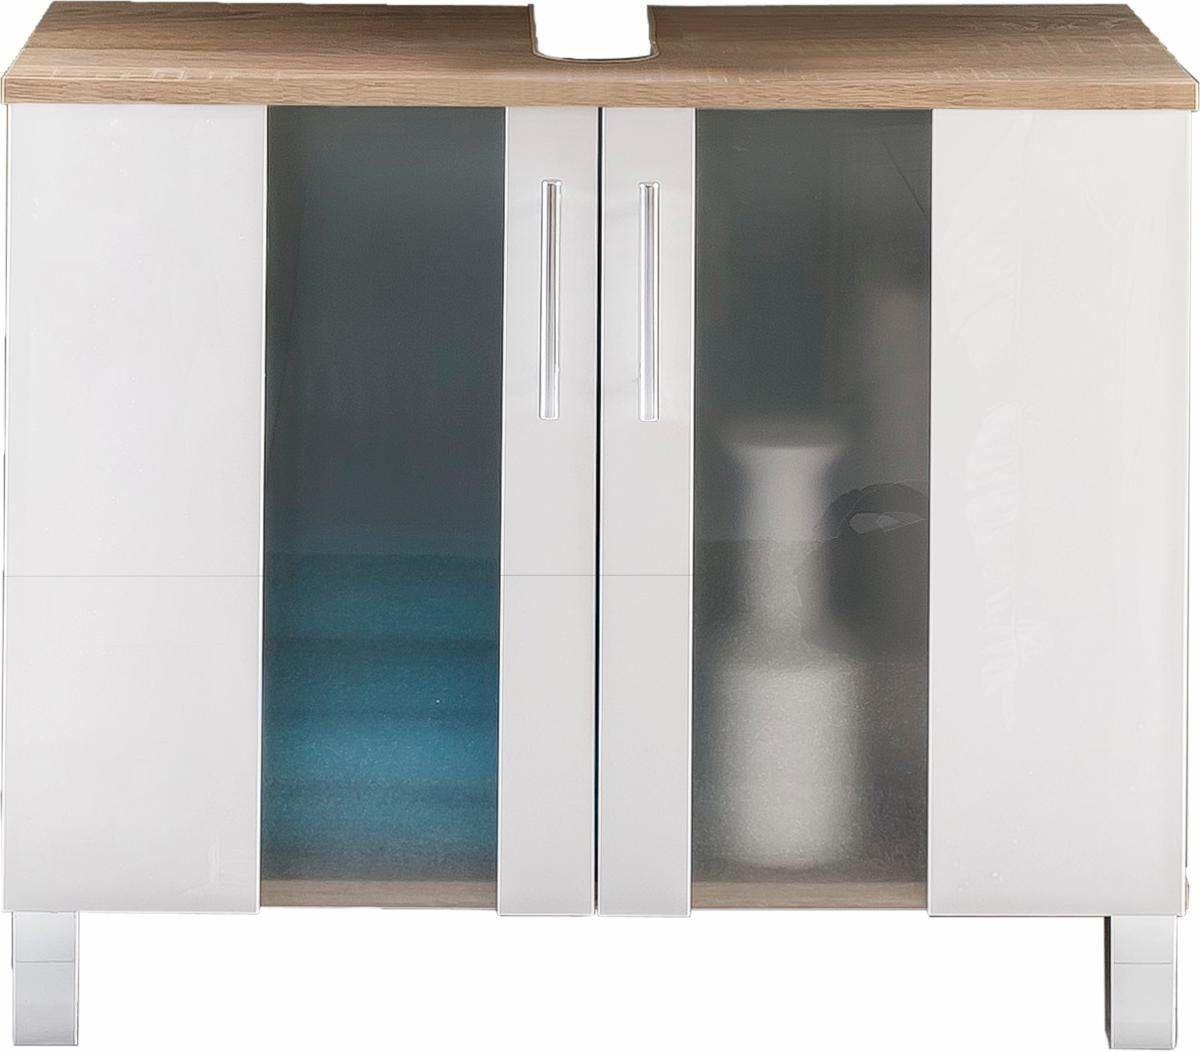 Welltime Waschbeckenschrank Porto Weiss Pflegeleichte Oberflache Fsc Zertifiziert Jetzt Bestellen Unter Waschbeckenunterschrank Schrank Waschbeckenschrank